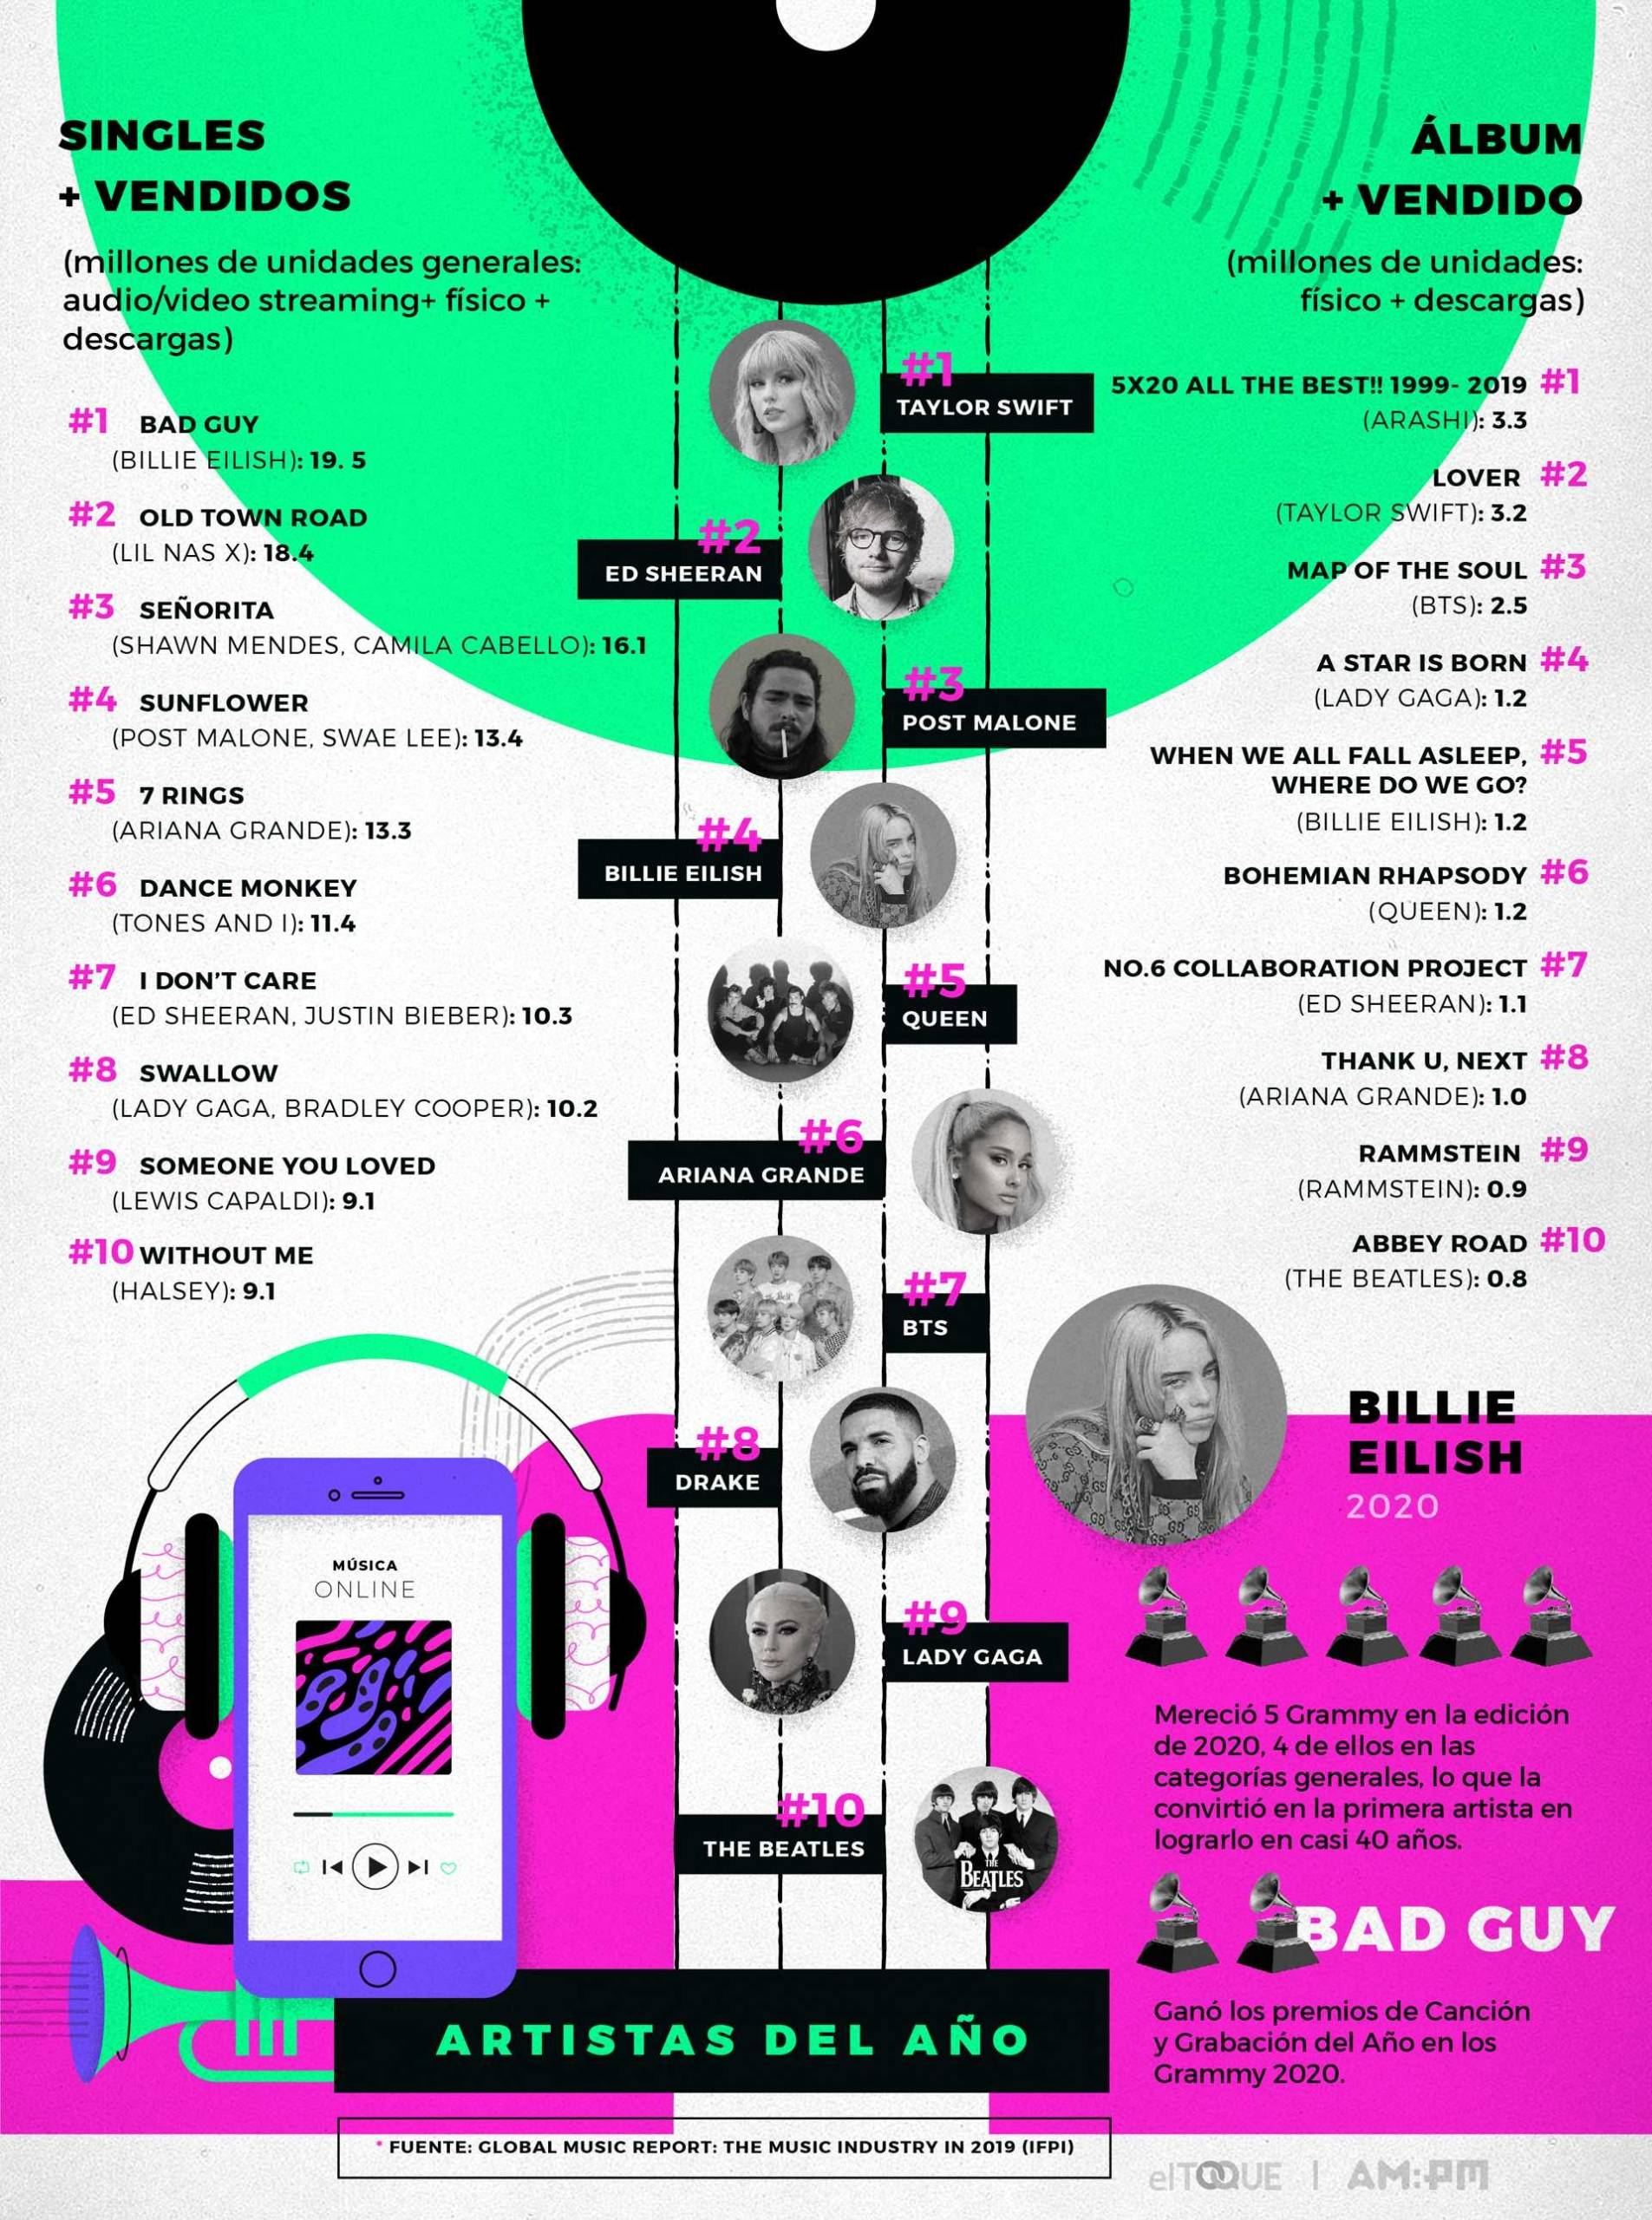 Consumo y mercado de la música en 2019 (en cifras). Ilustración: Janet Aguilar / Magazine AM:PM / El Toque.